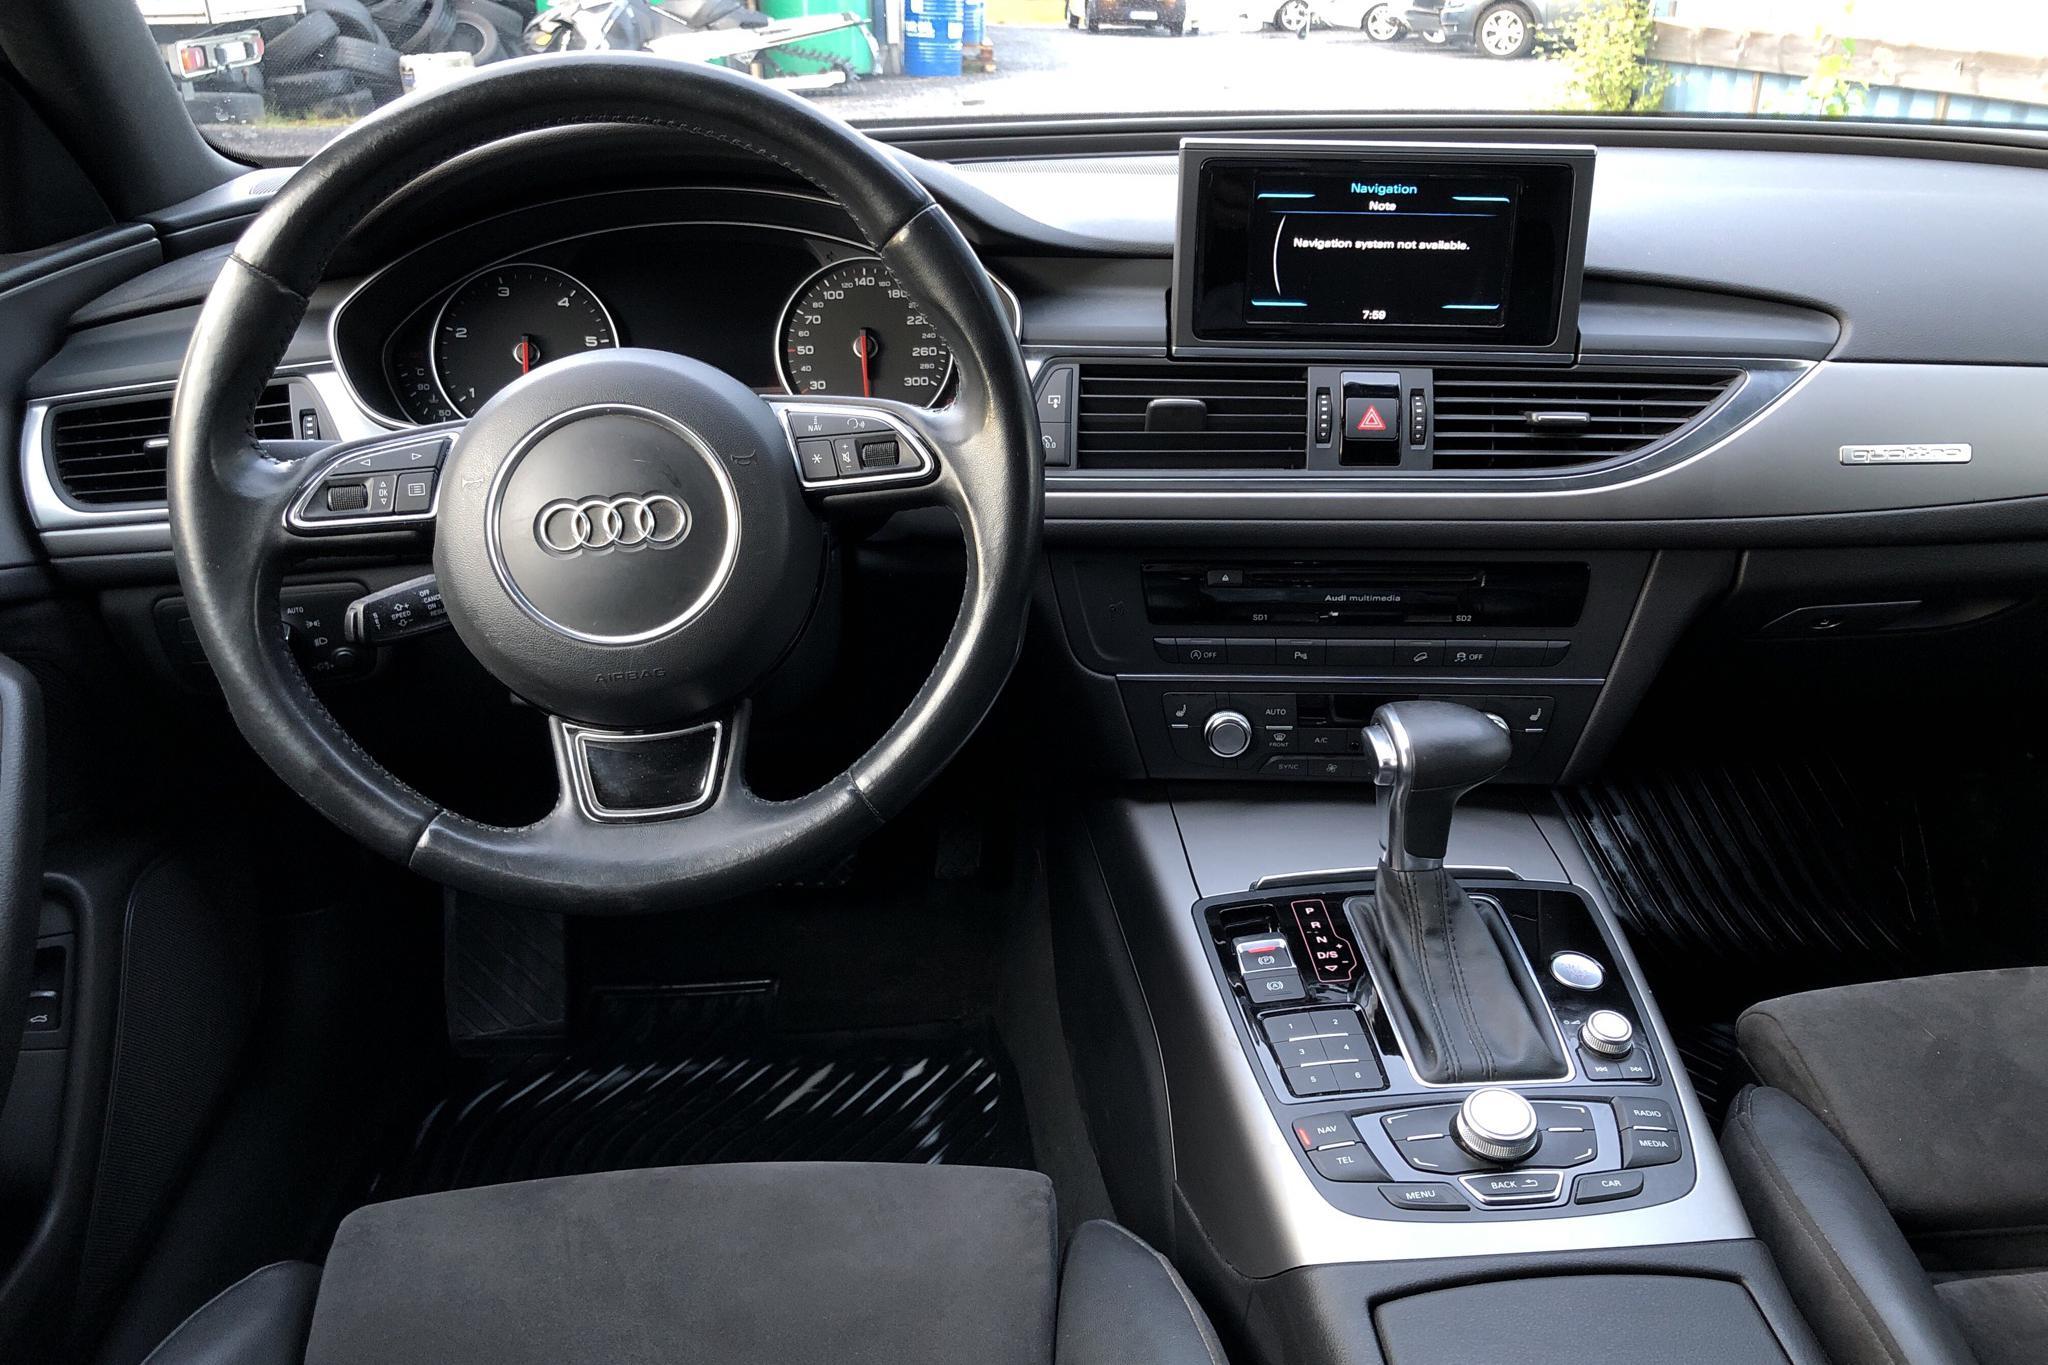 Audi A6 Allroad 3.0 TDI quattro (204hk) - 16 734 mil - Automat - svart - 2014